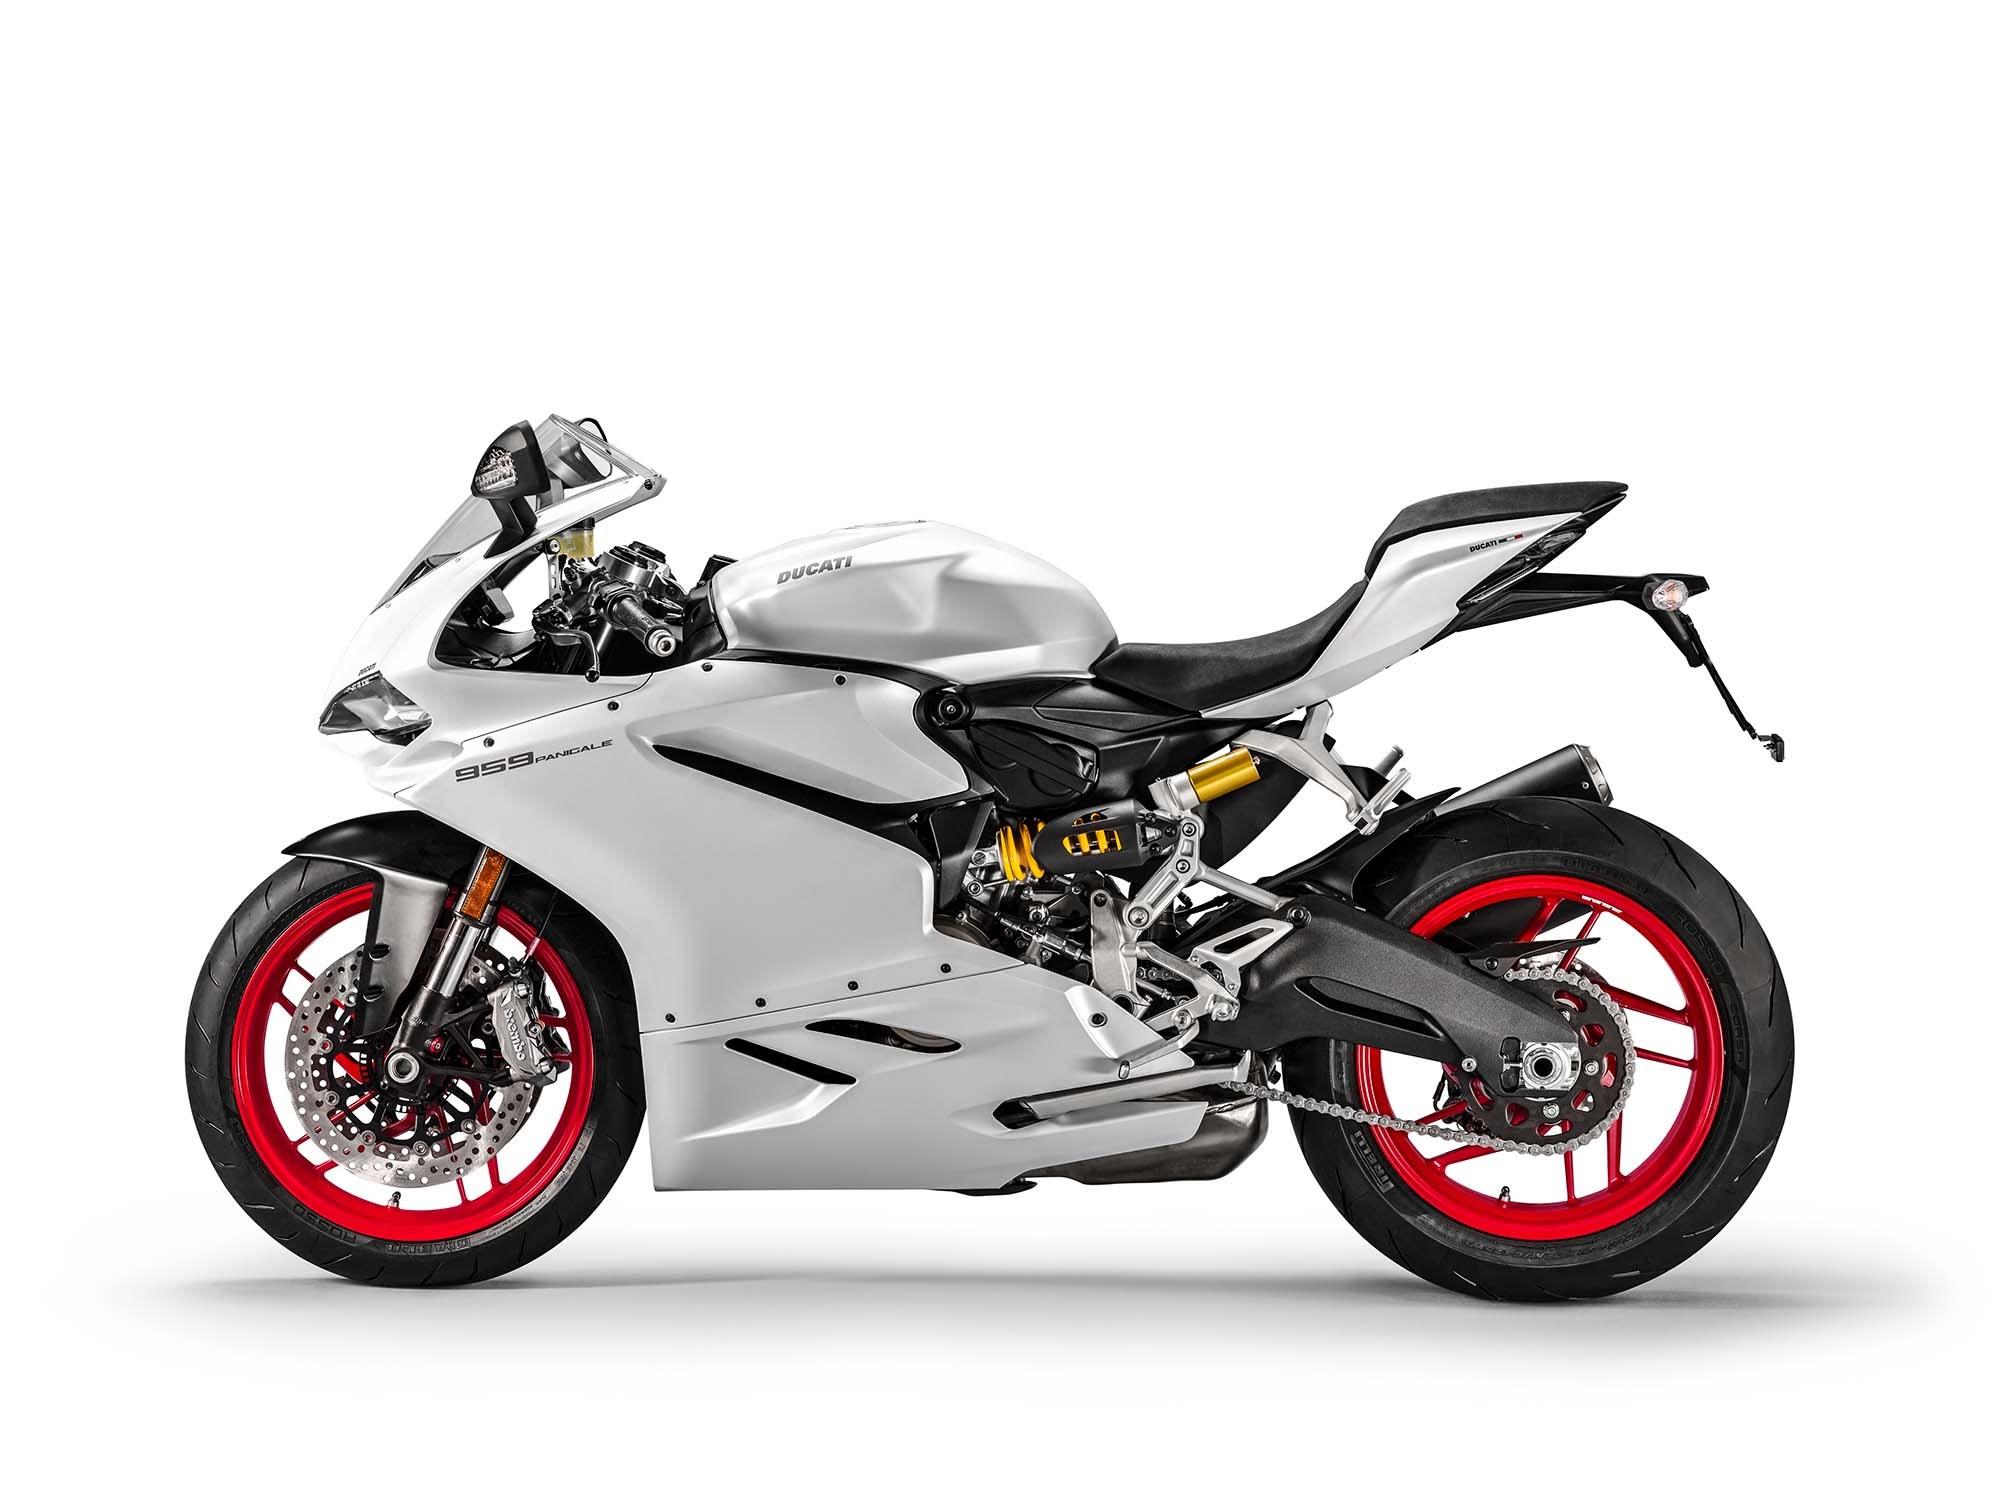 Ducati Monster R Price In India